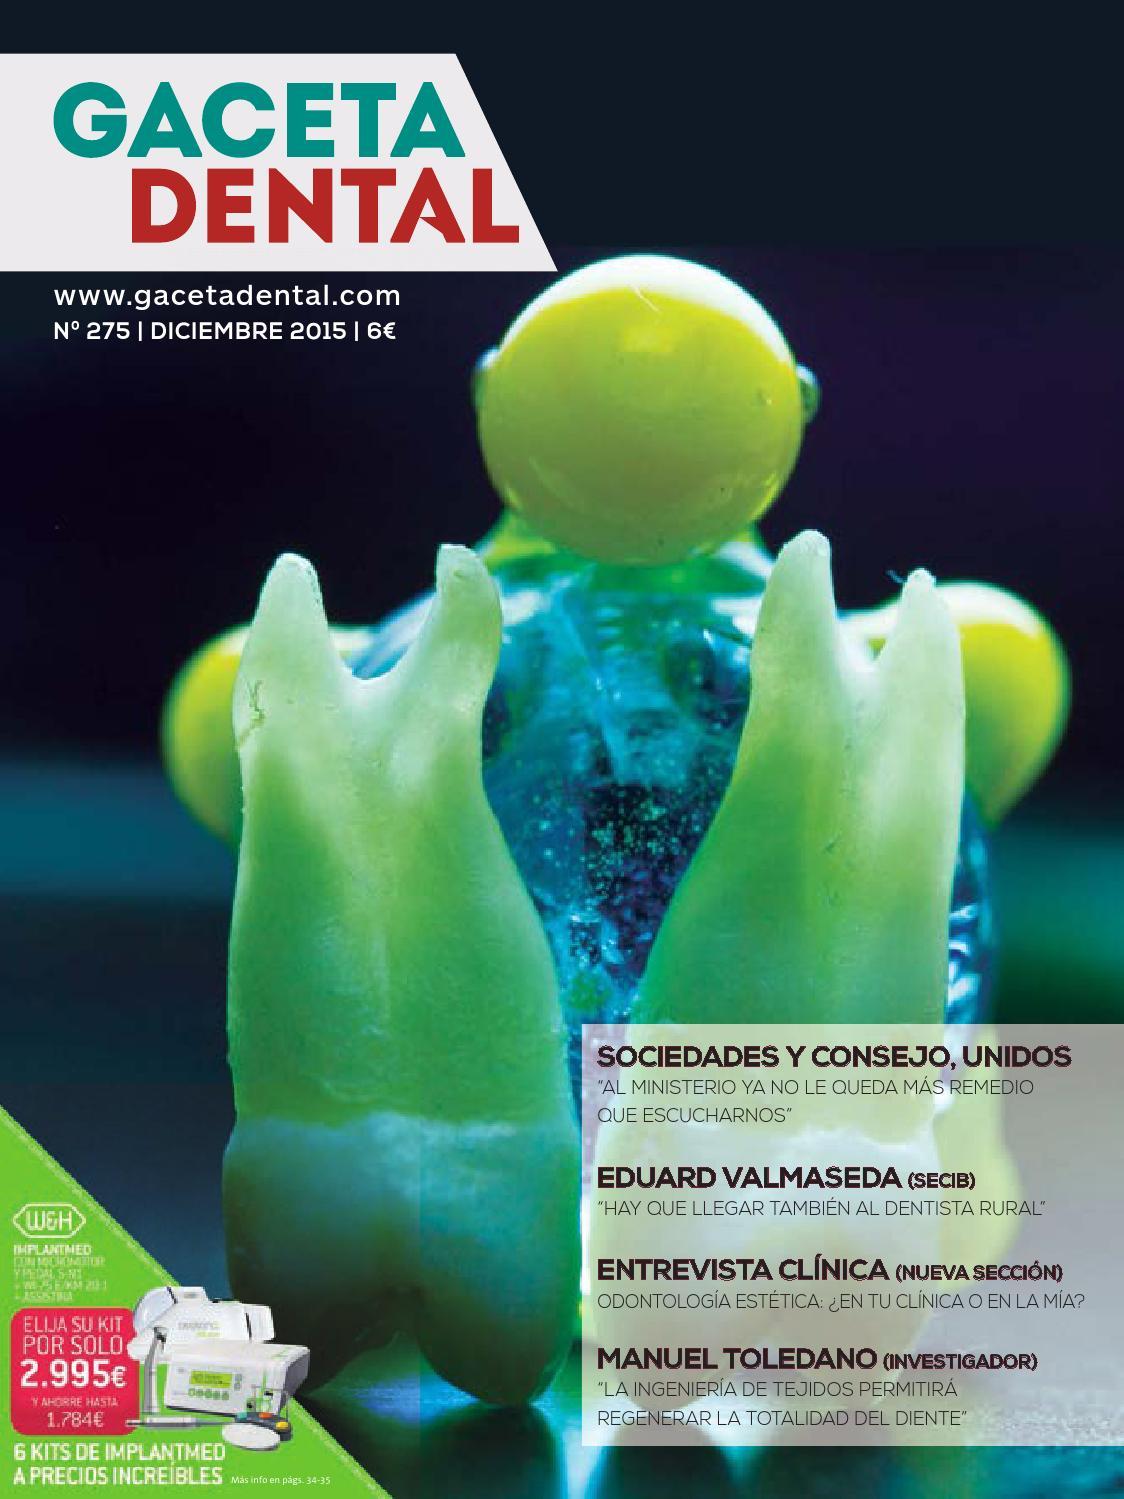 Gaceta Dental - 275 by Peldaño - issuu